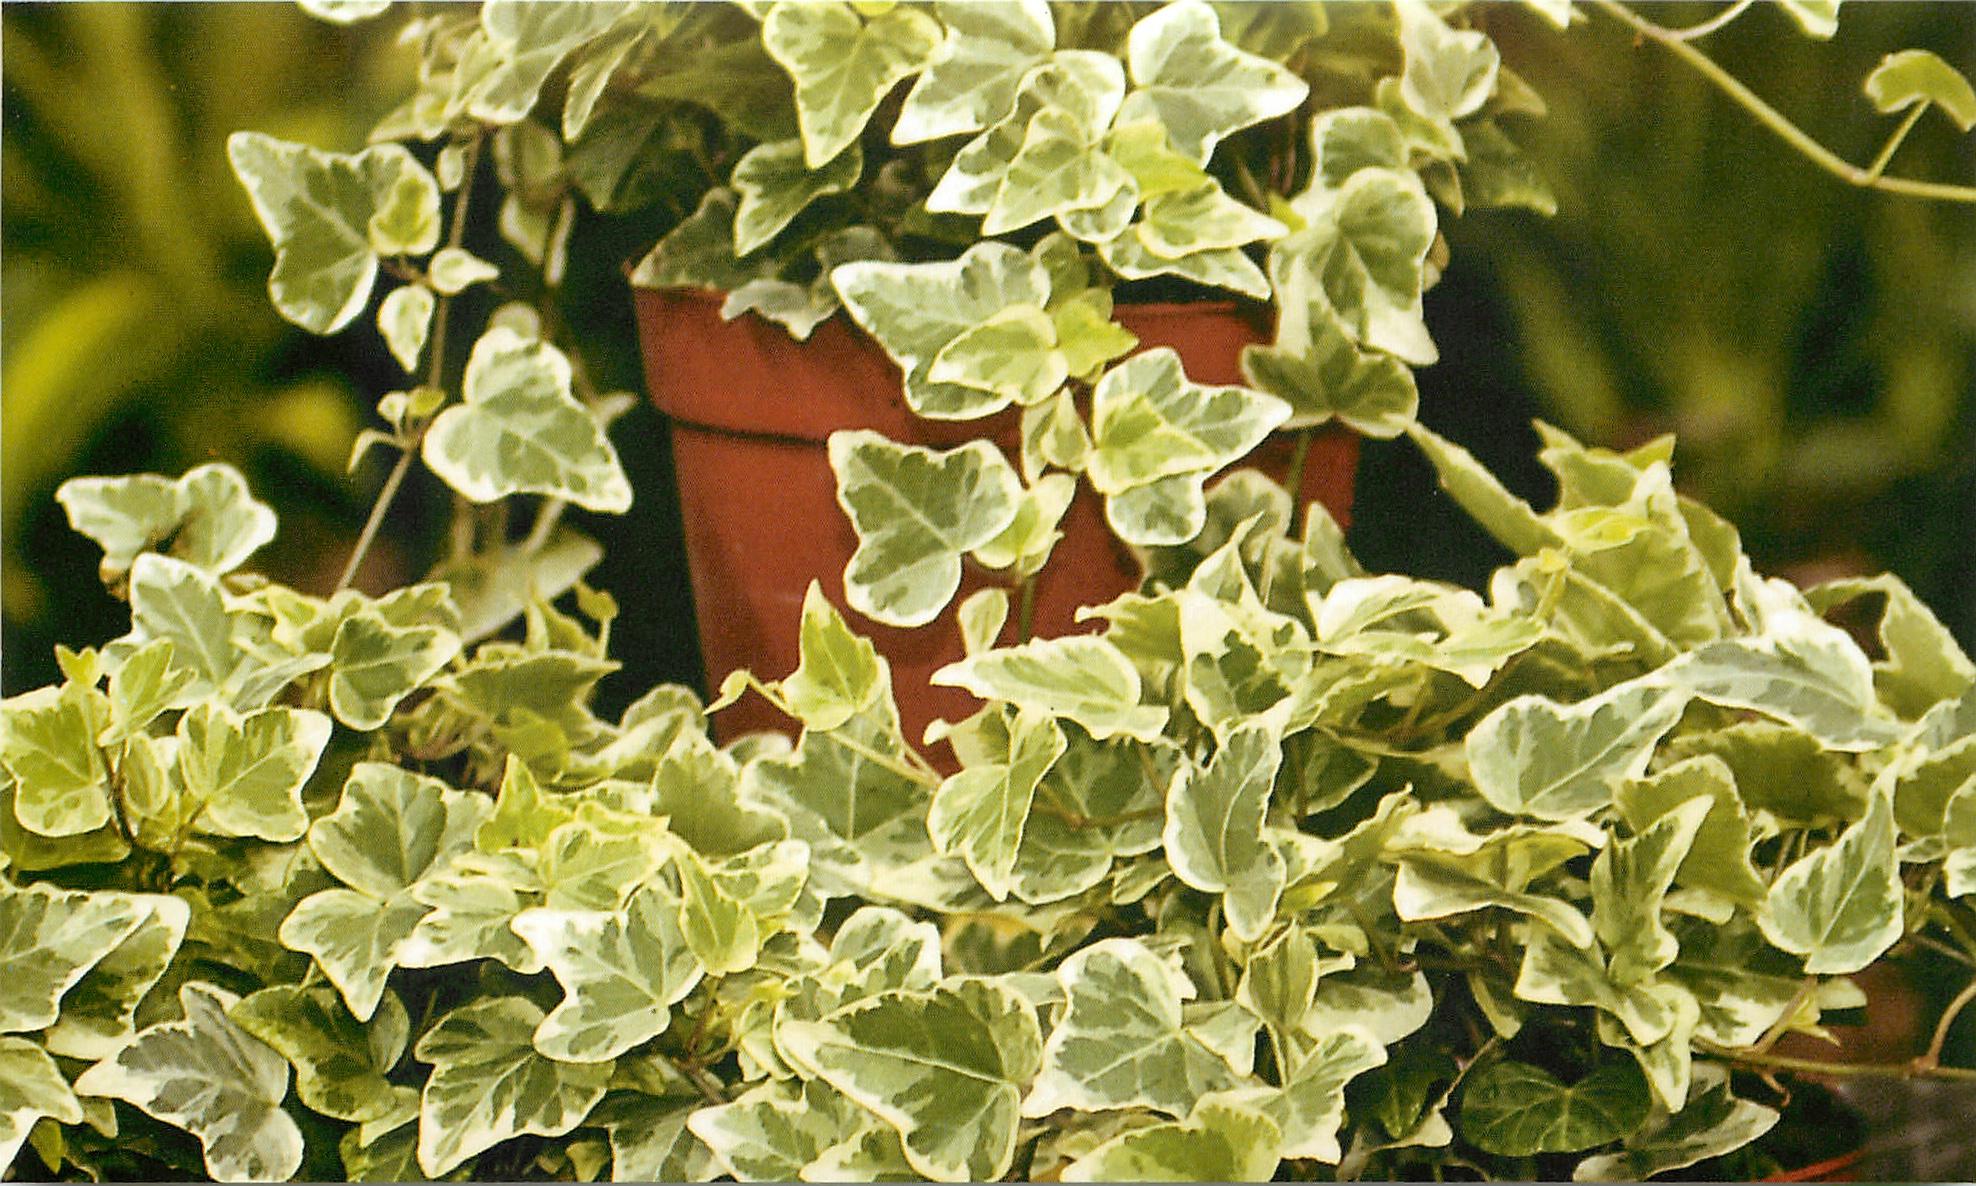 Комнатное растение плющ: фото видов Канарский и Колхидский ...